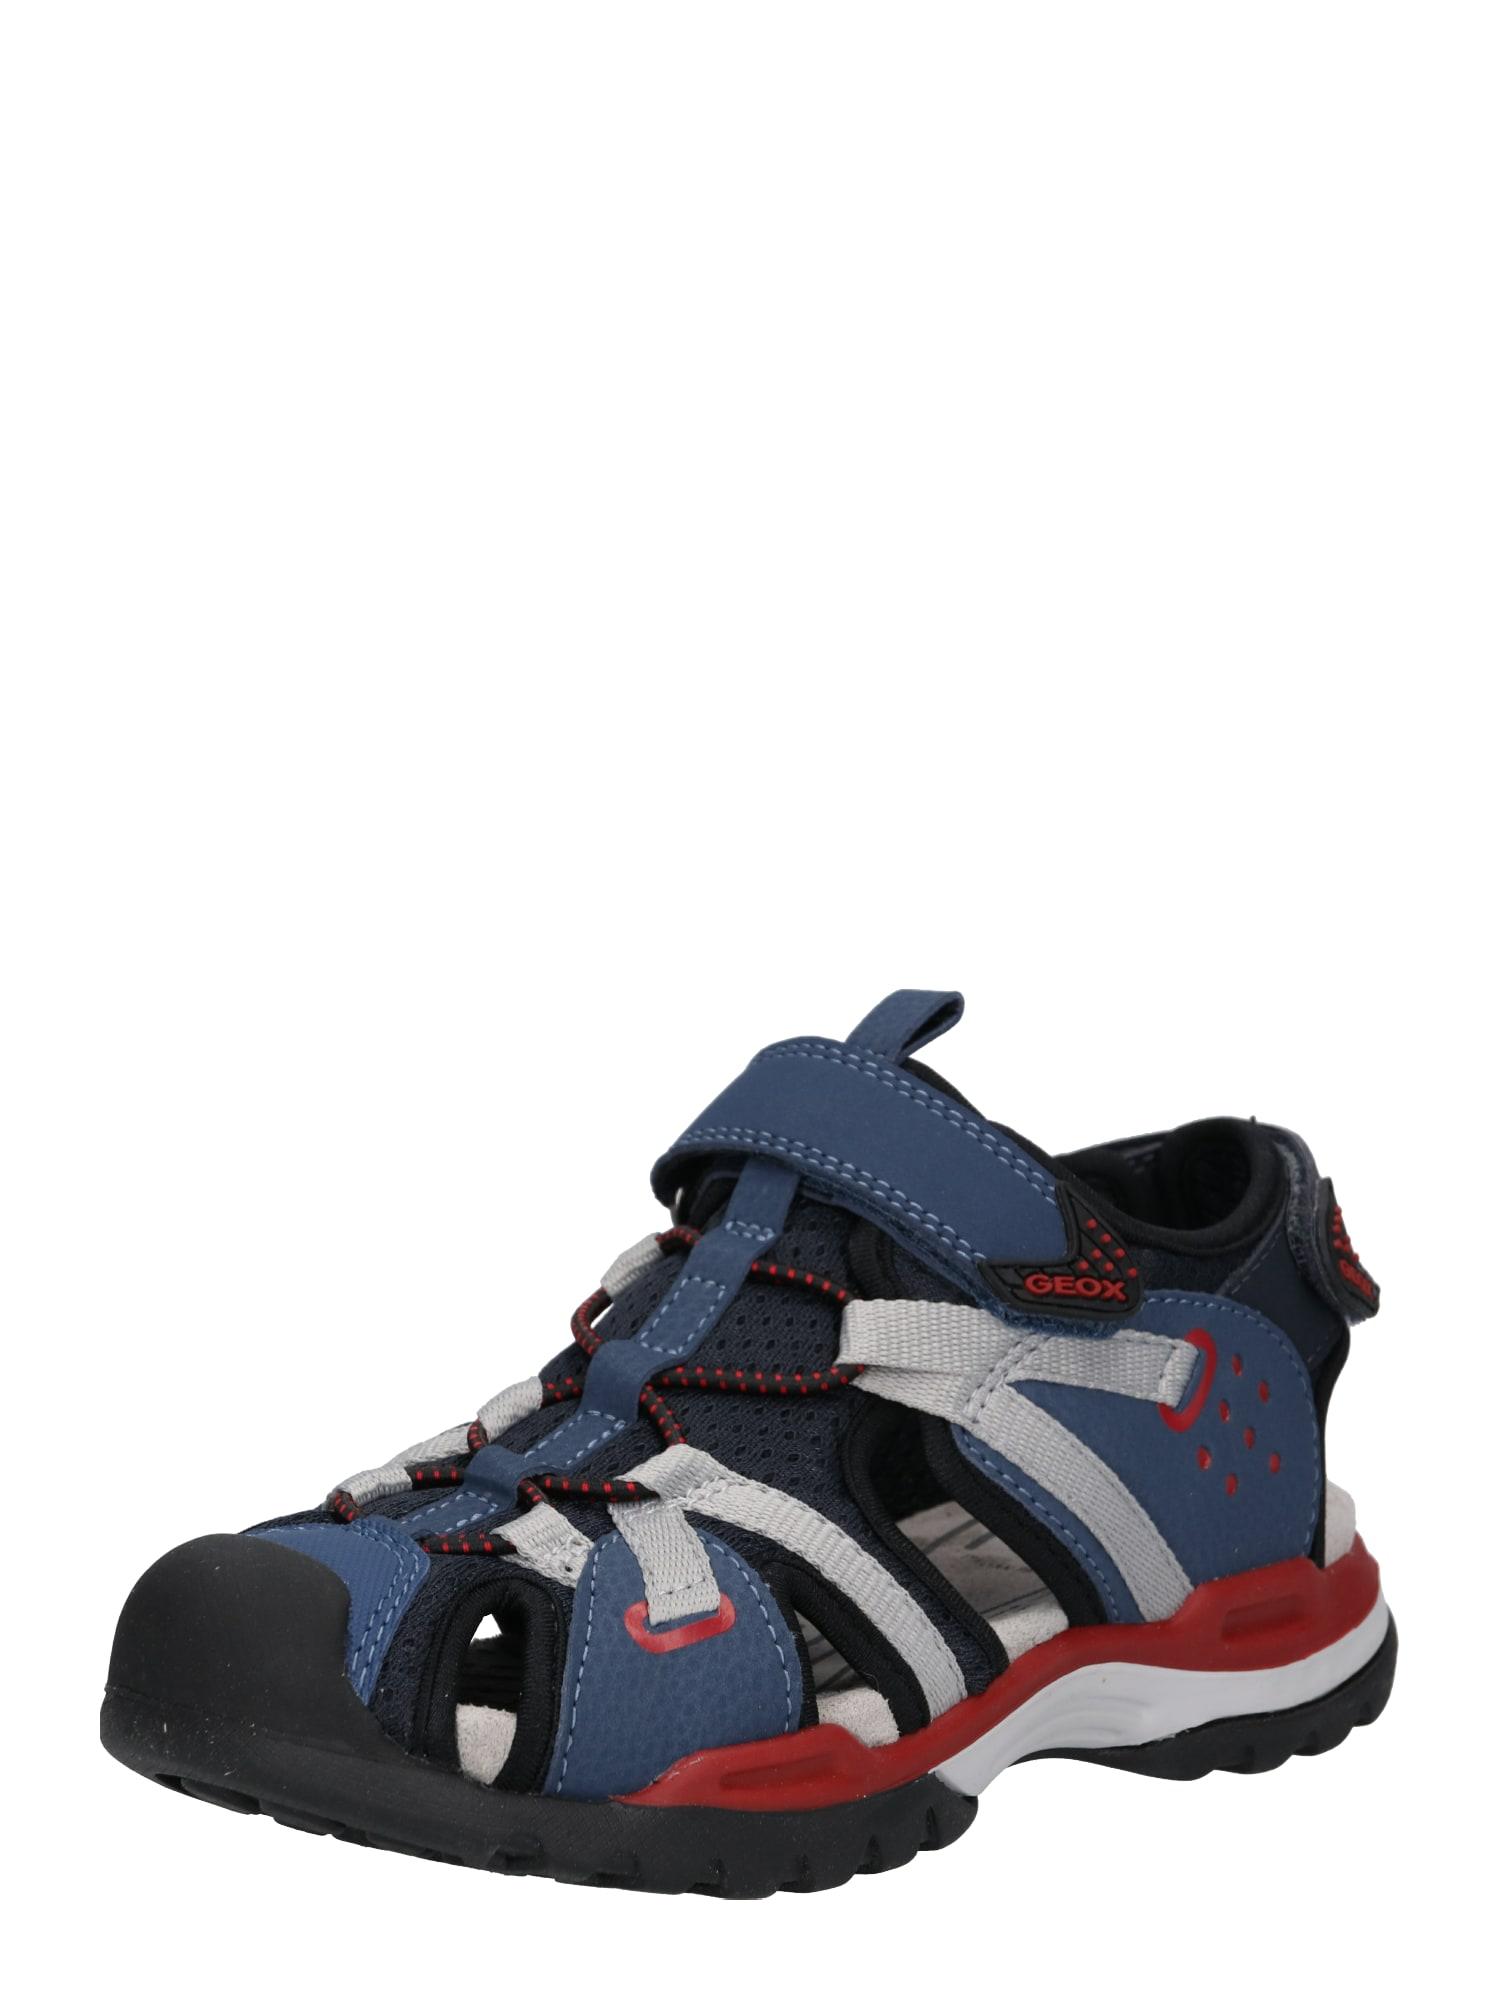 Otevřená obuv BOREALIS modrá červená GEOX